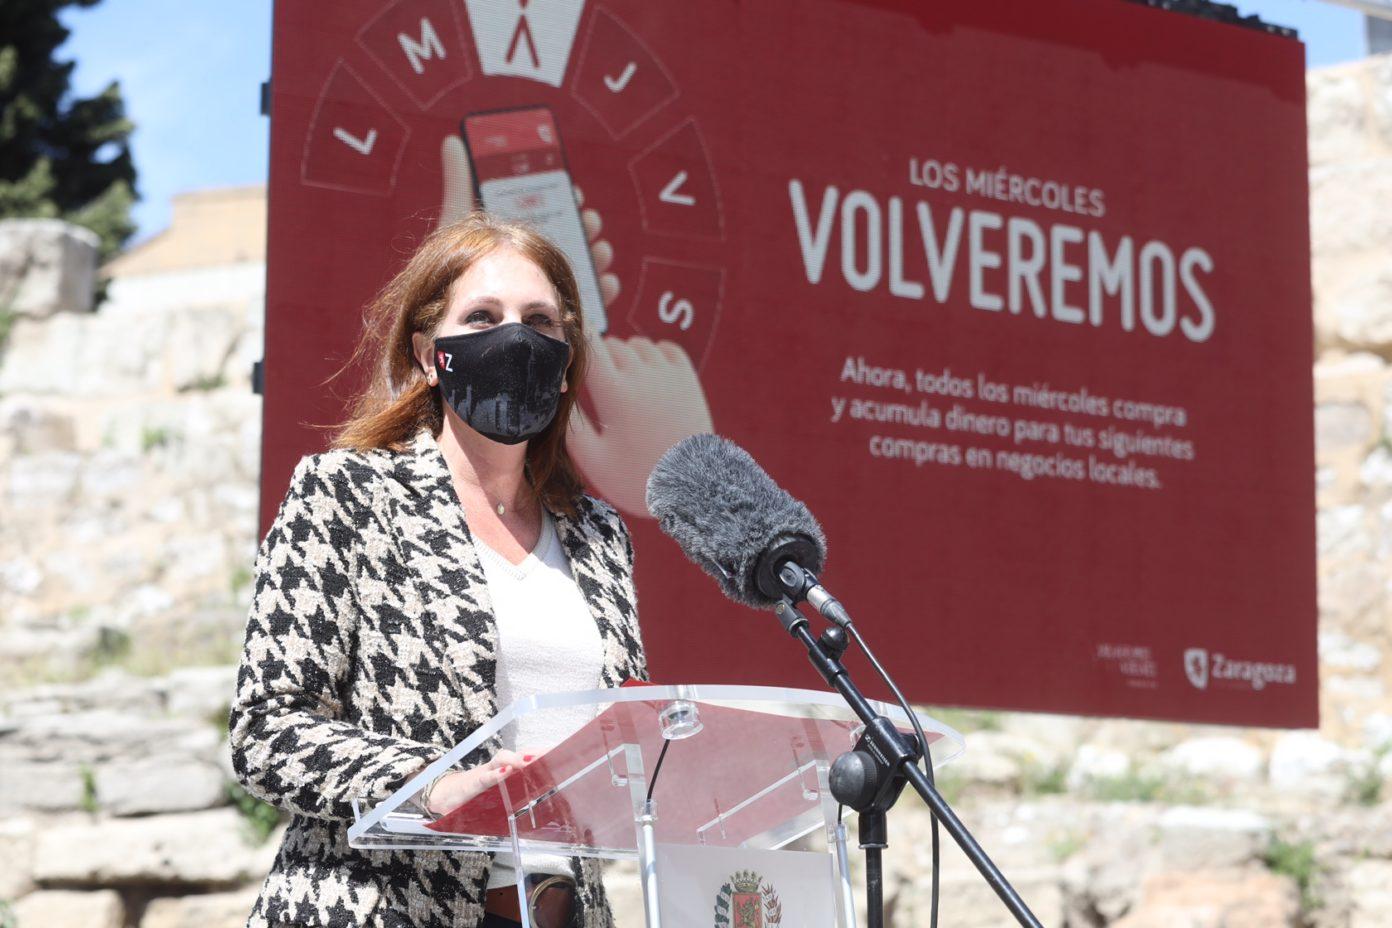 Herrarte during the presentation of Volveremos 2021. (Zaragoza City Council)